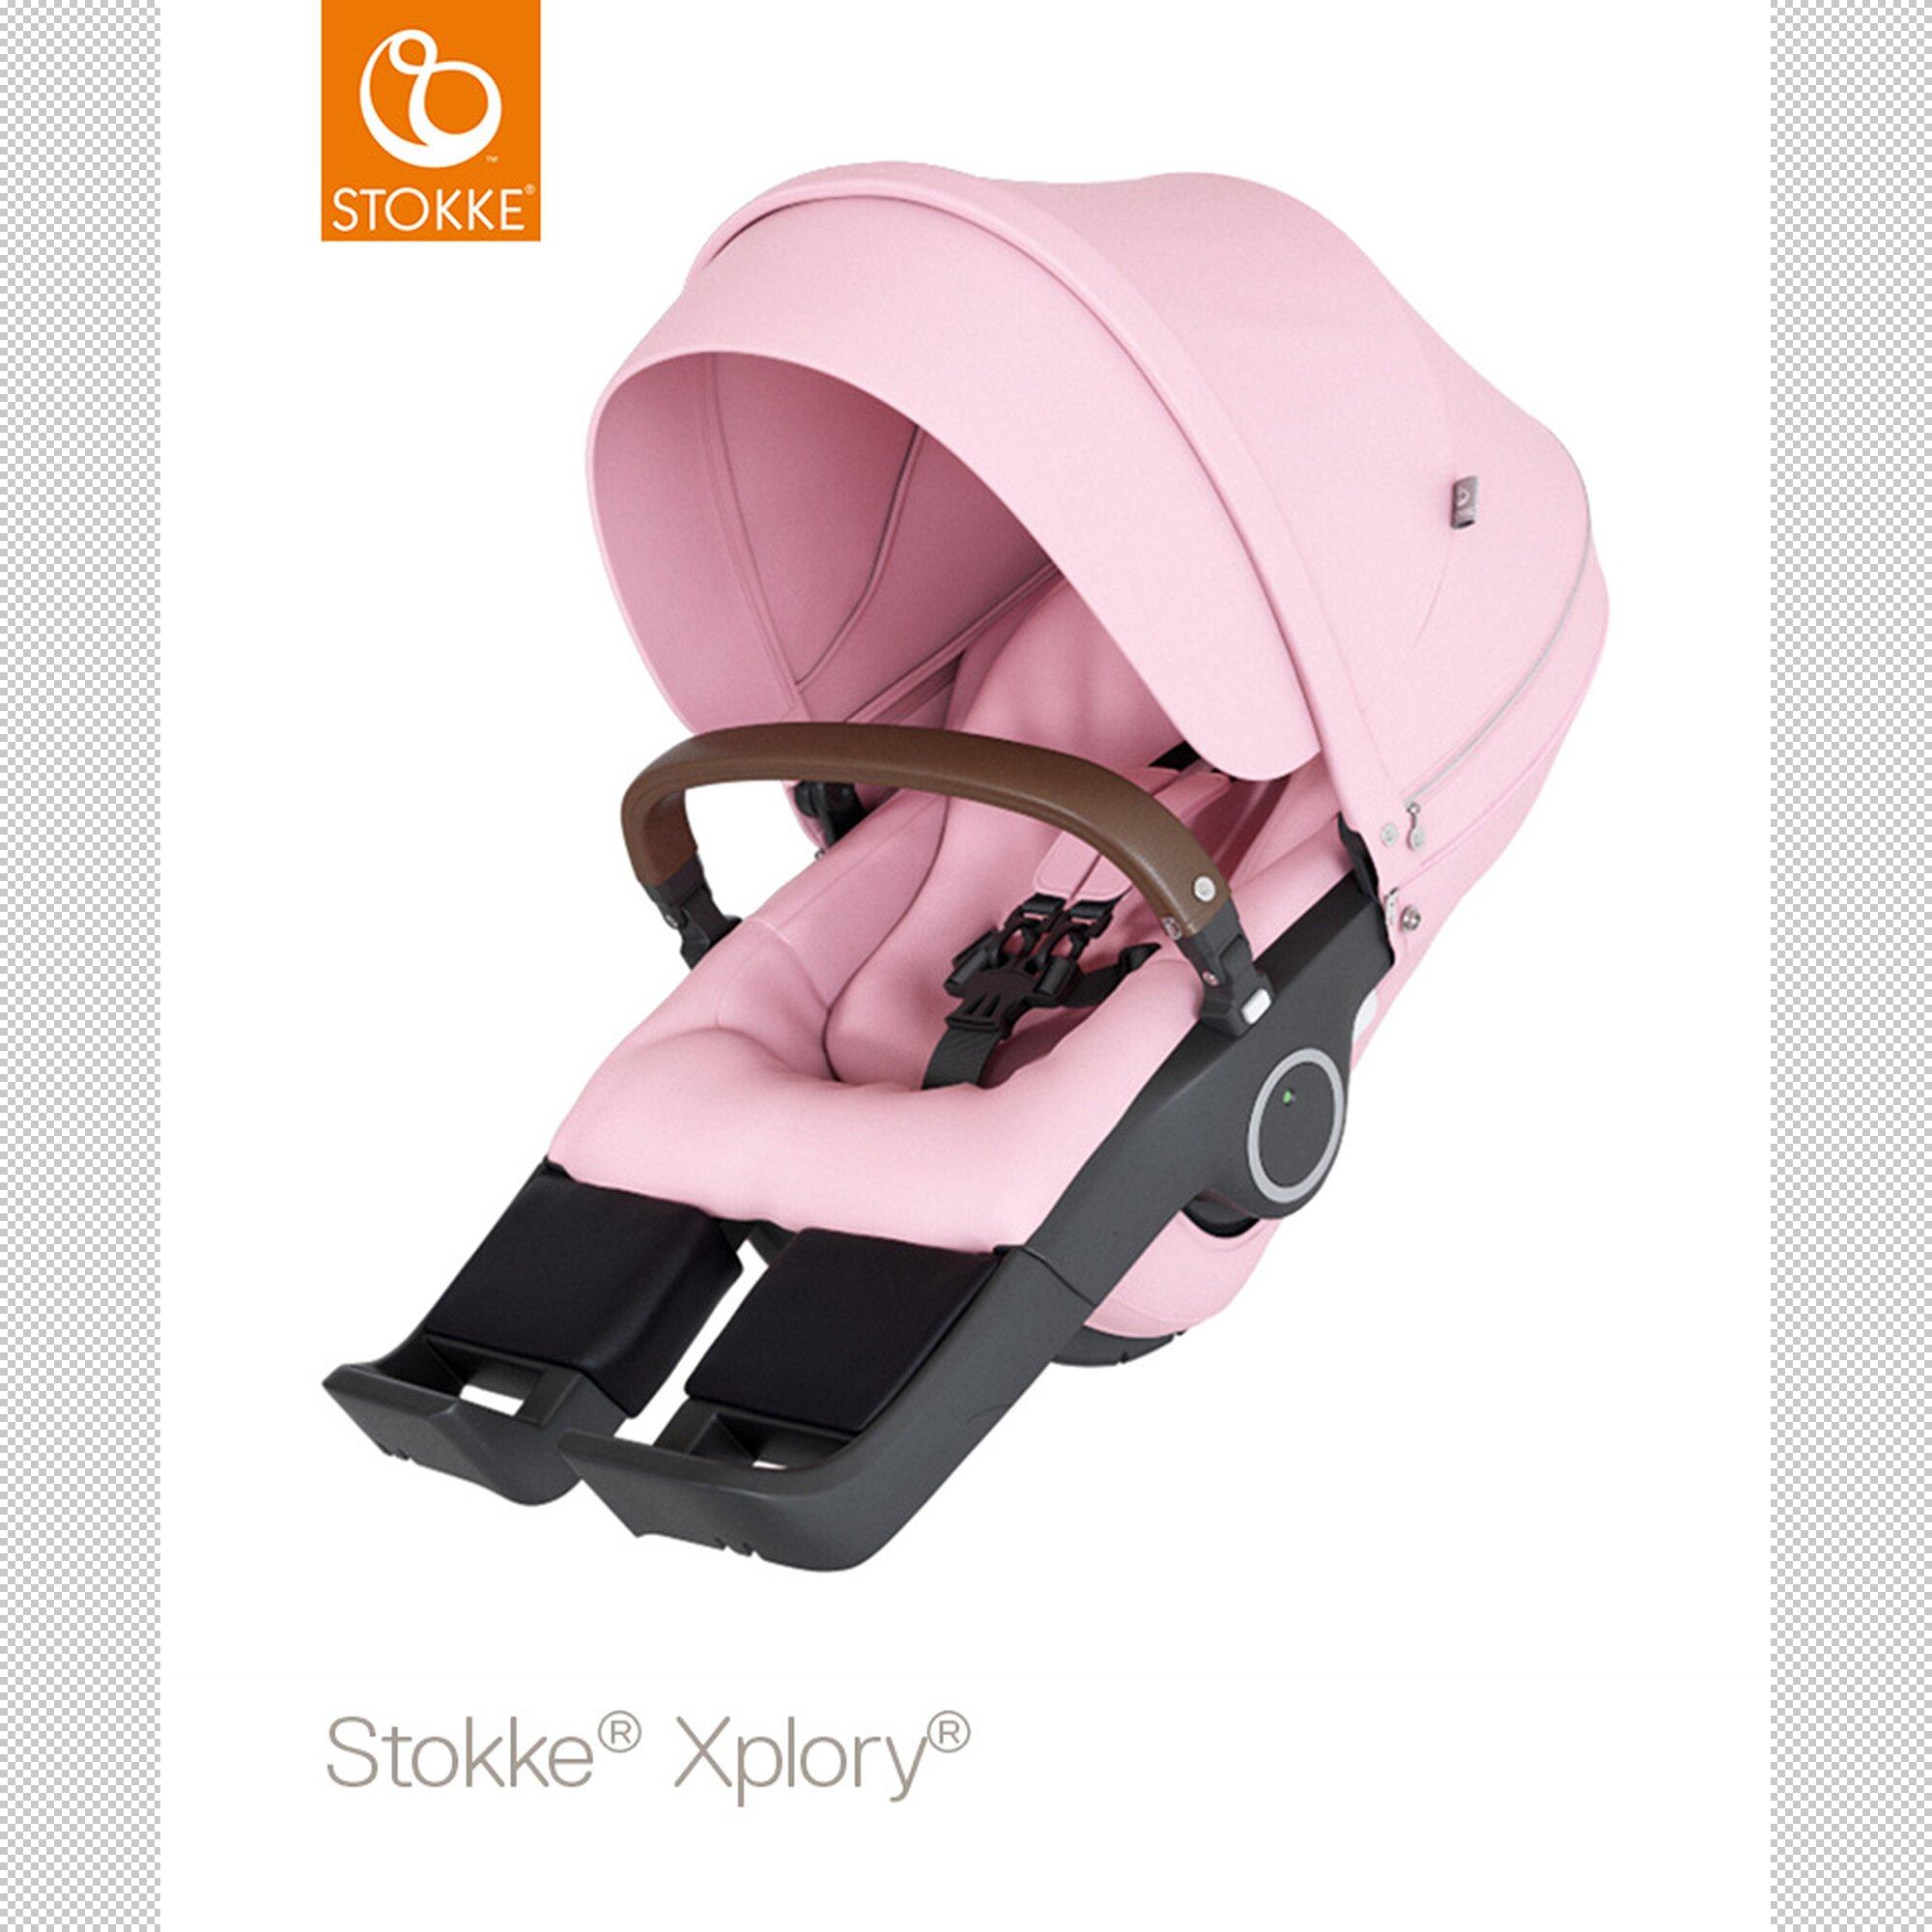 stokke-sitzaufsatz-fur-xplory-v6-trailz-rosa